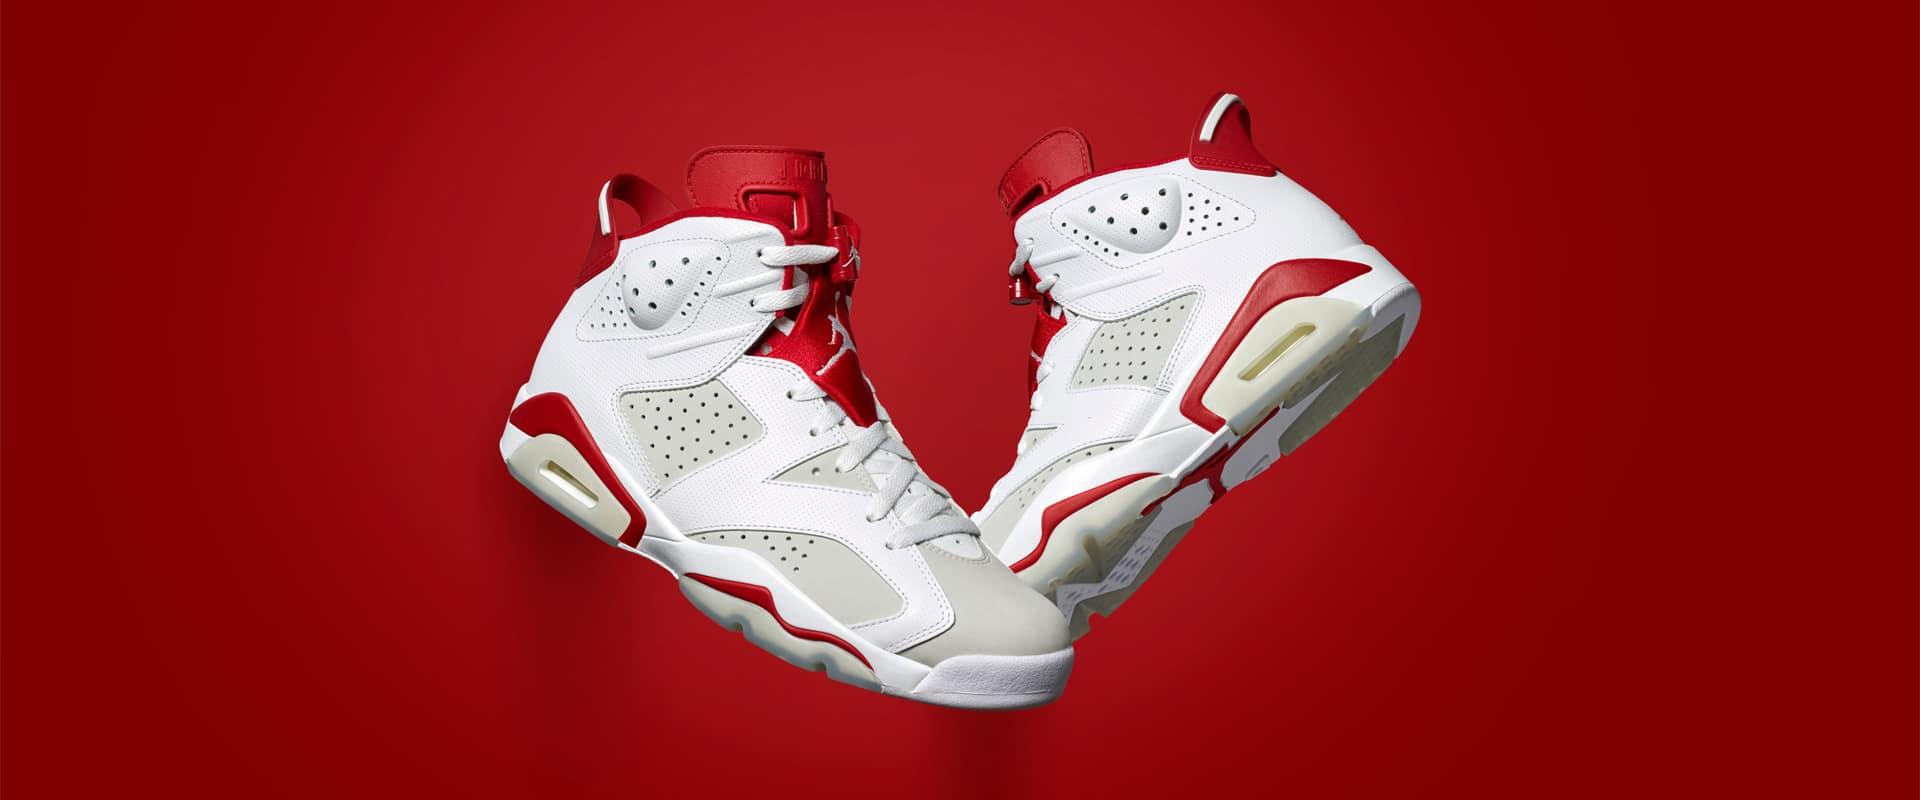 a276a242 Мужские кроссовки Air Jordan 6 Retro созданы в стиле рекламной кампании  1991 года, которая стала символом поколения.